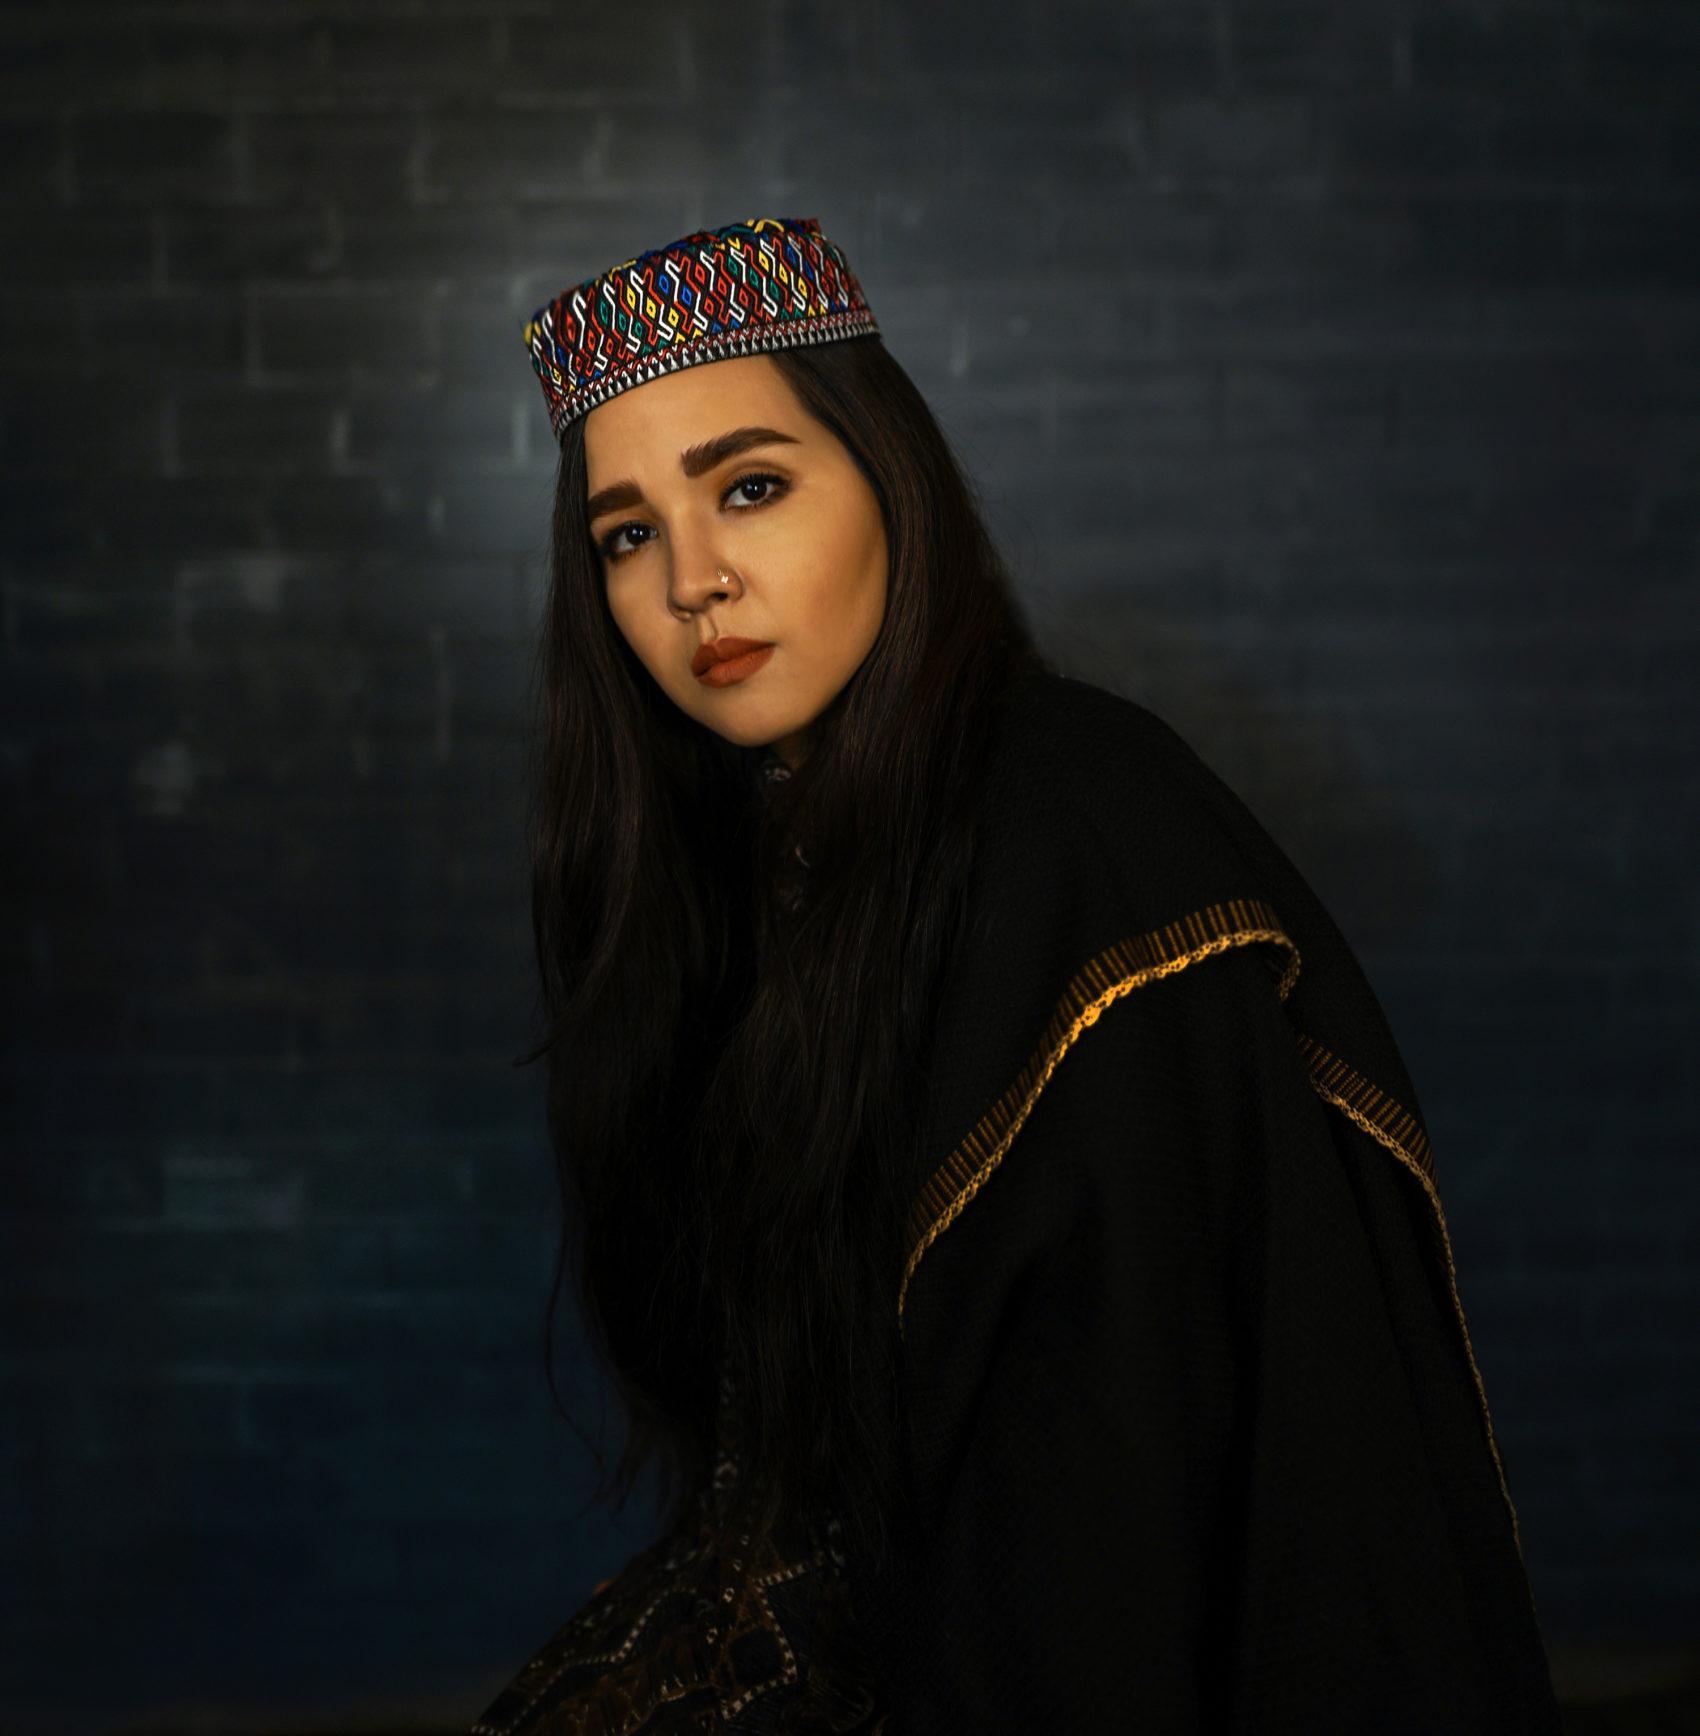 Självporträtt av Fatimah Hosseini.